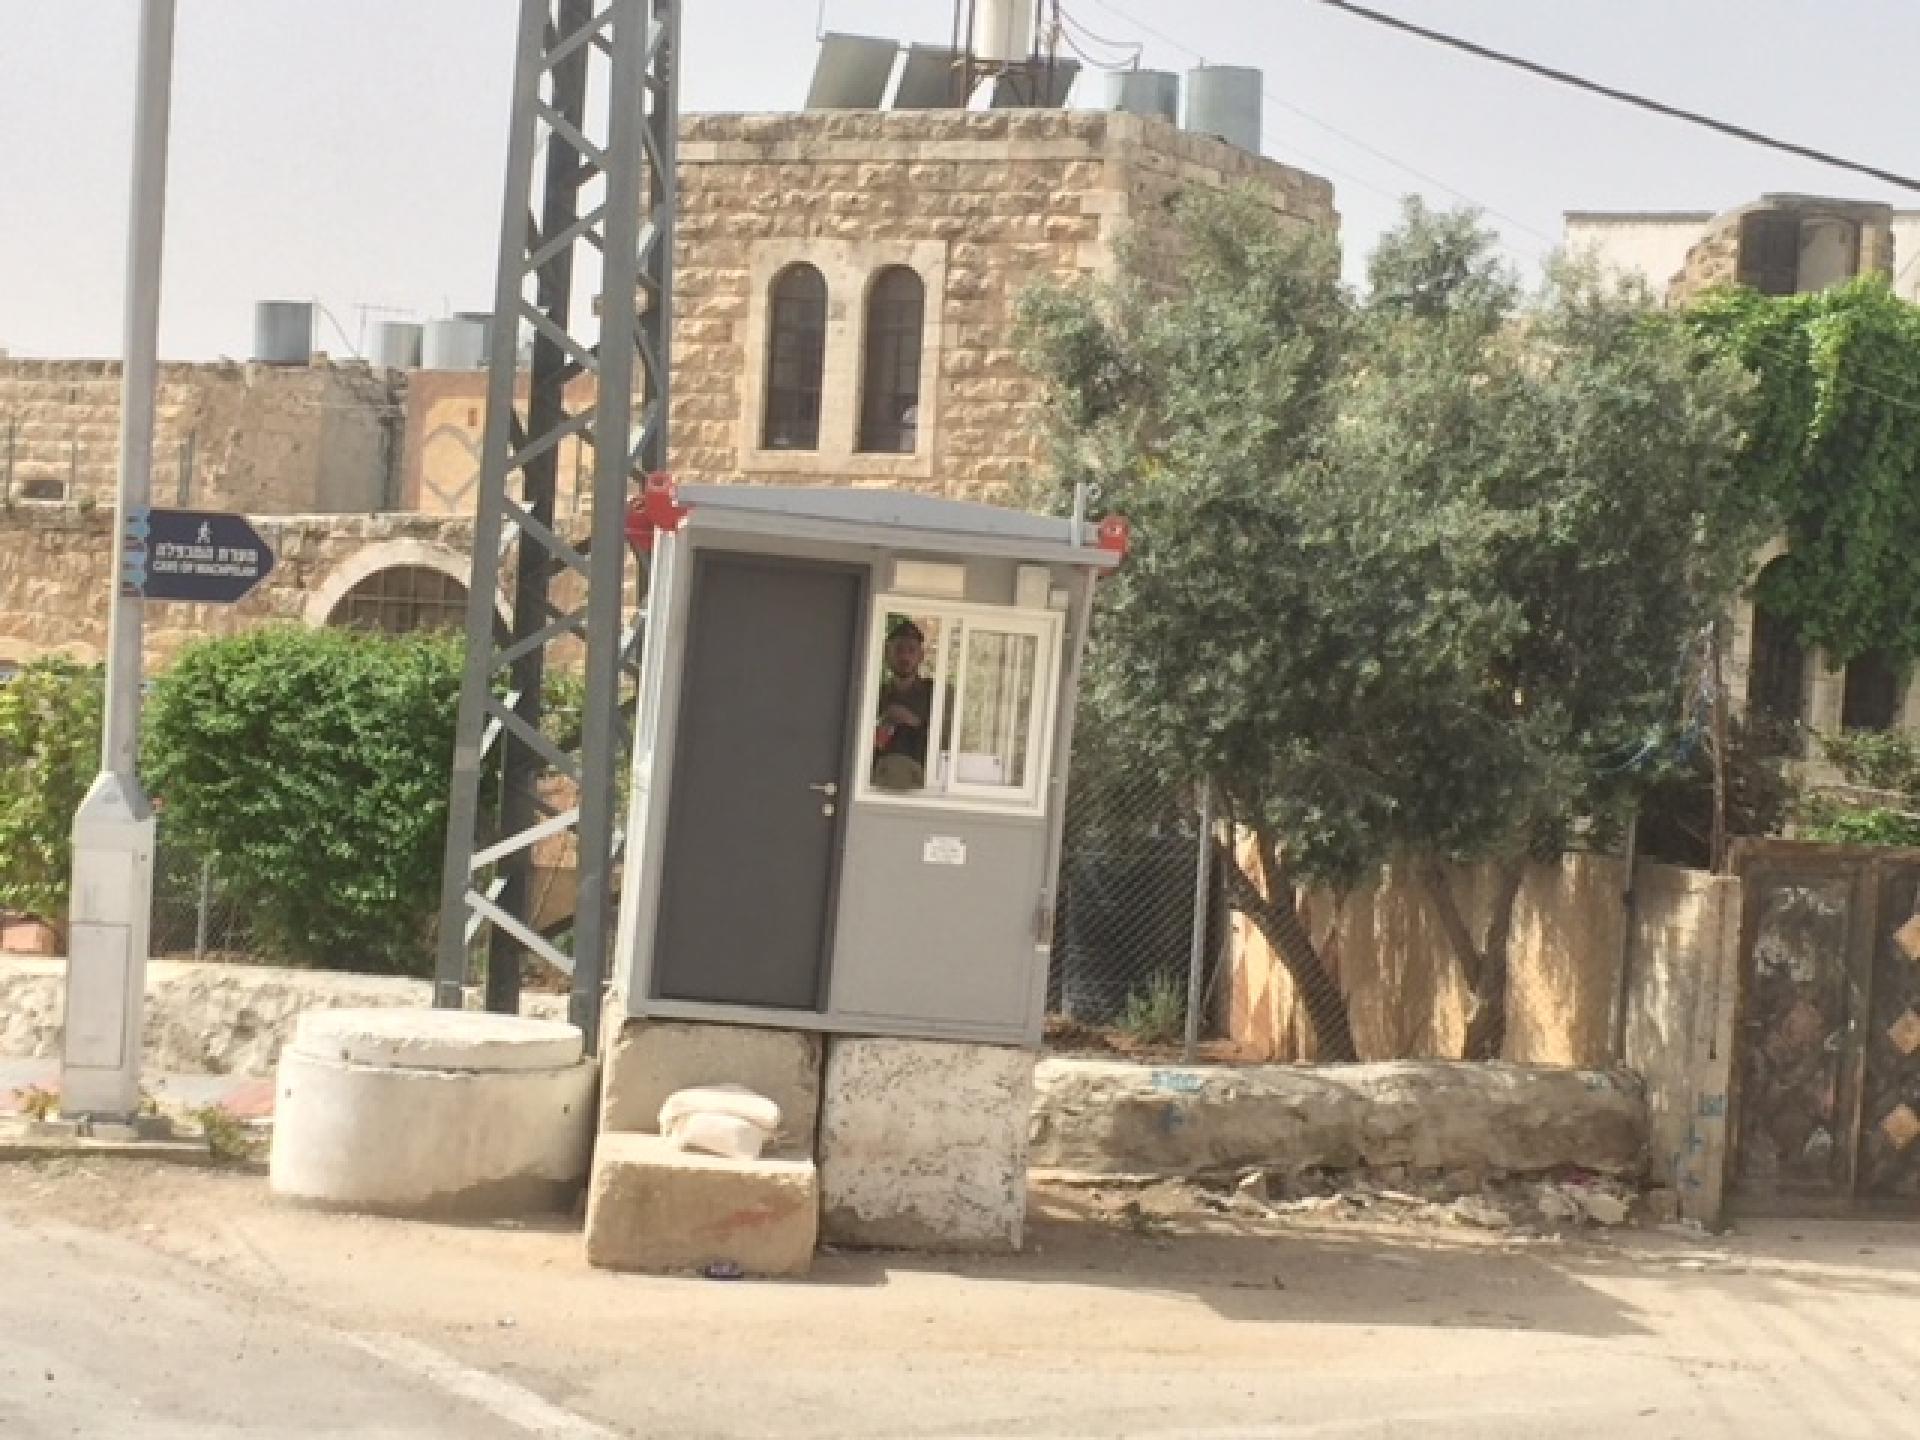 העמדה והמחסום שנמצאים ליד ציר המתפללים